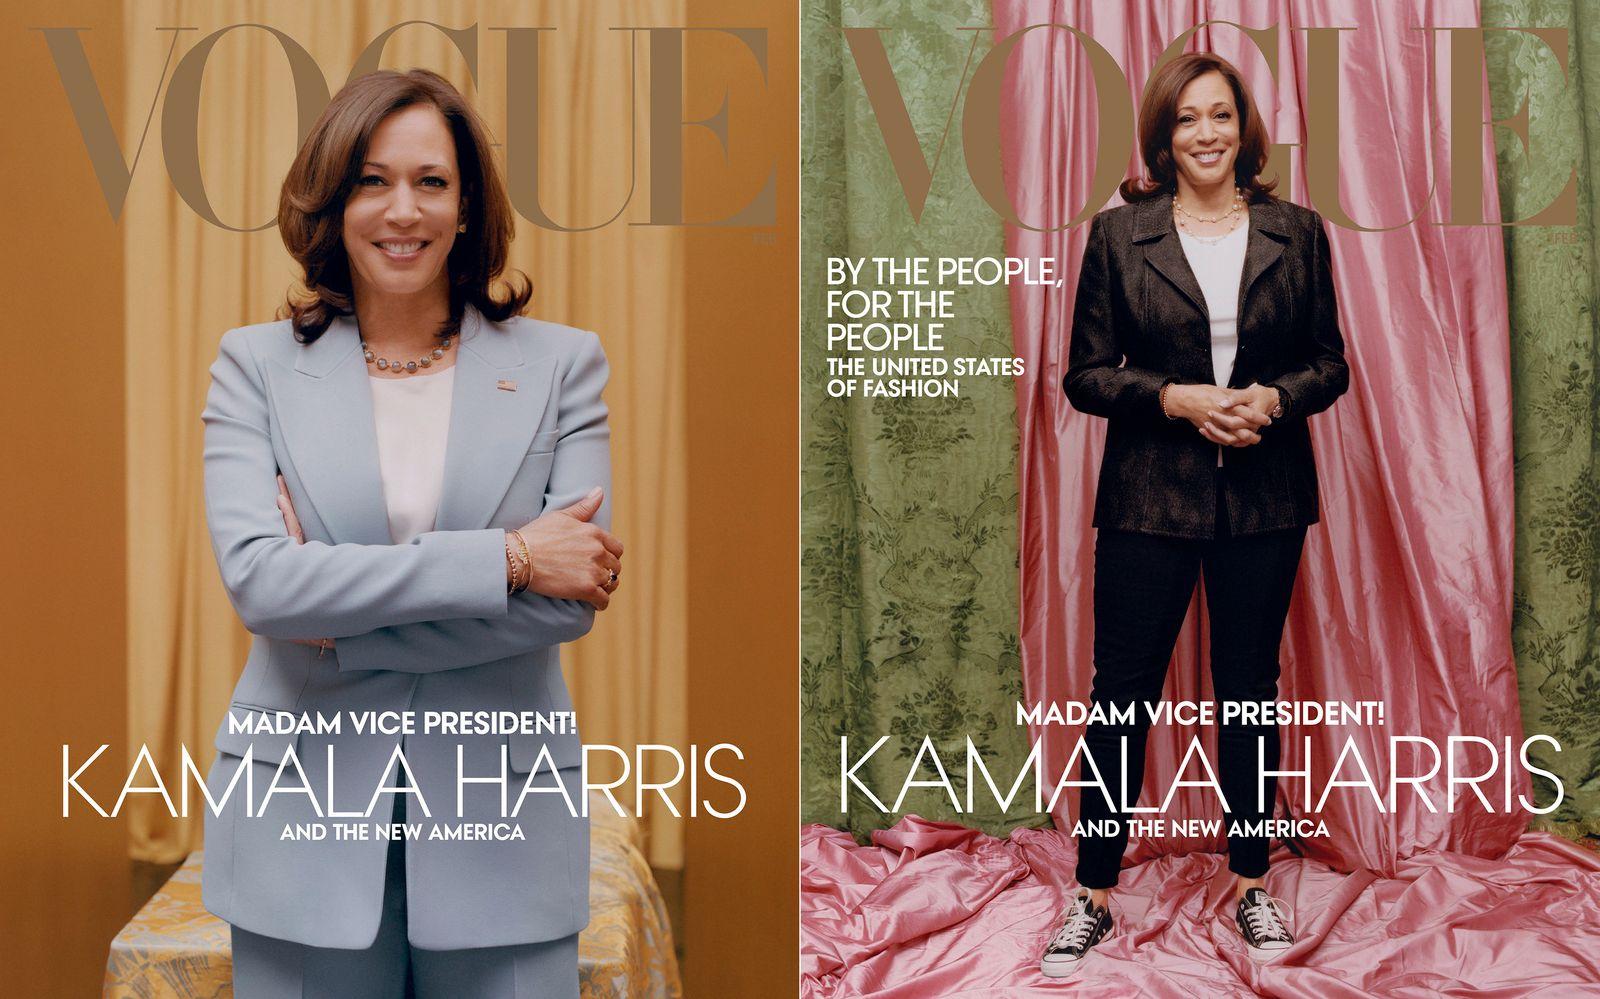 Kontroverse um «Vogue»-Cover von US-Vizepräsidentin Harris